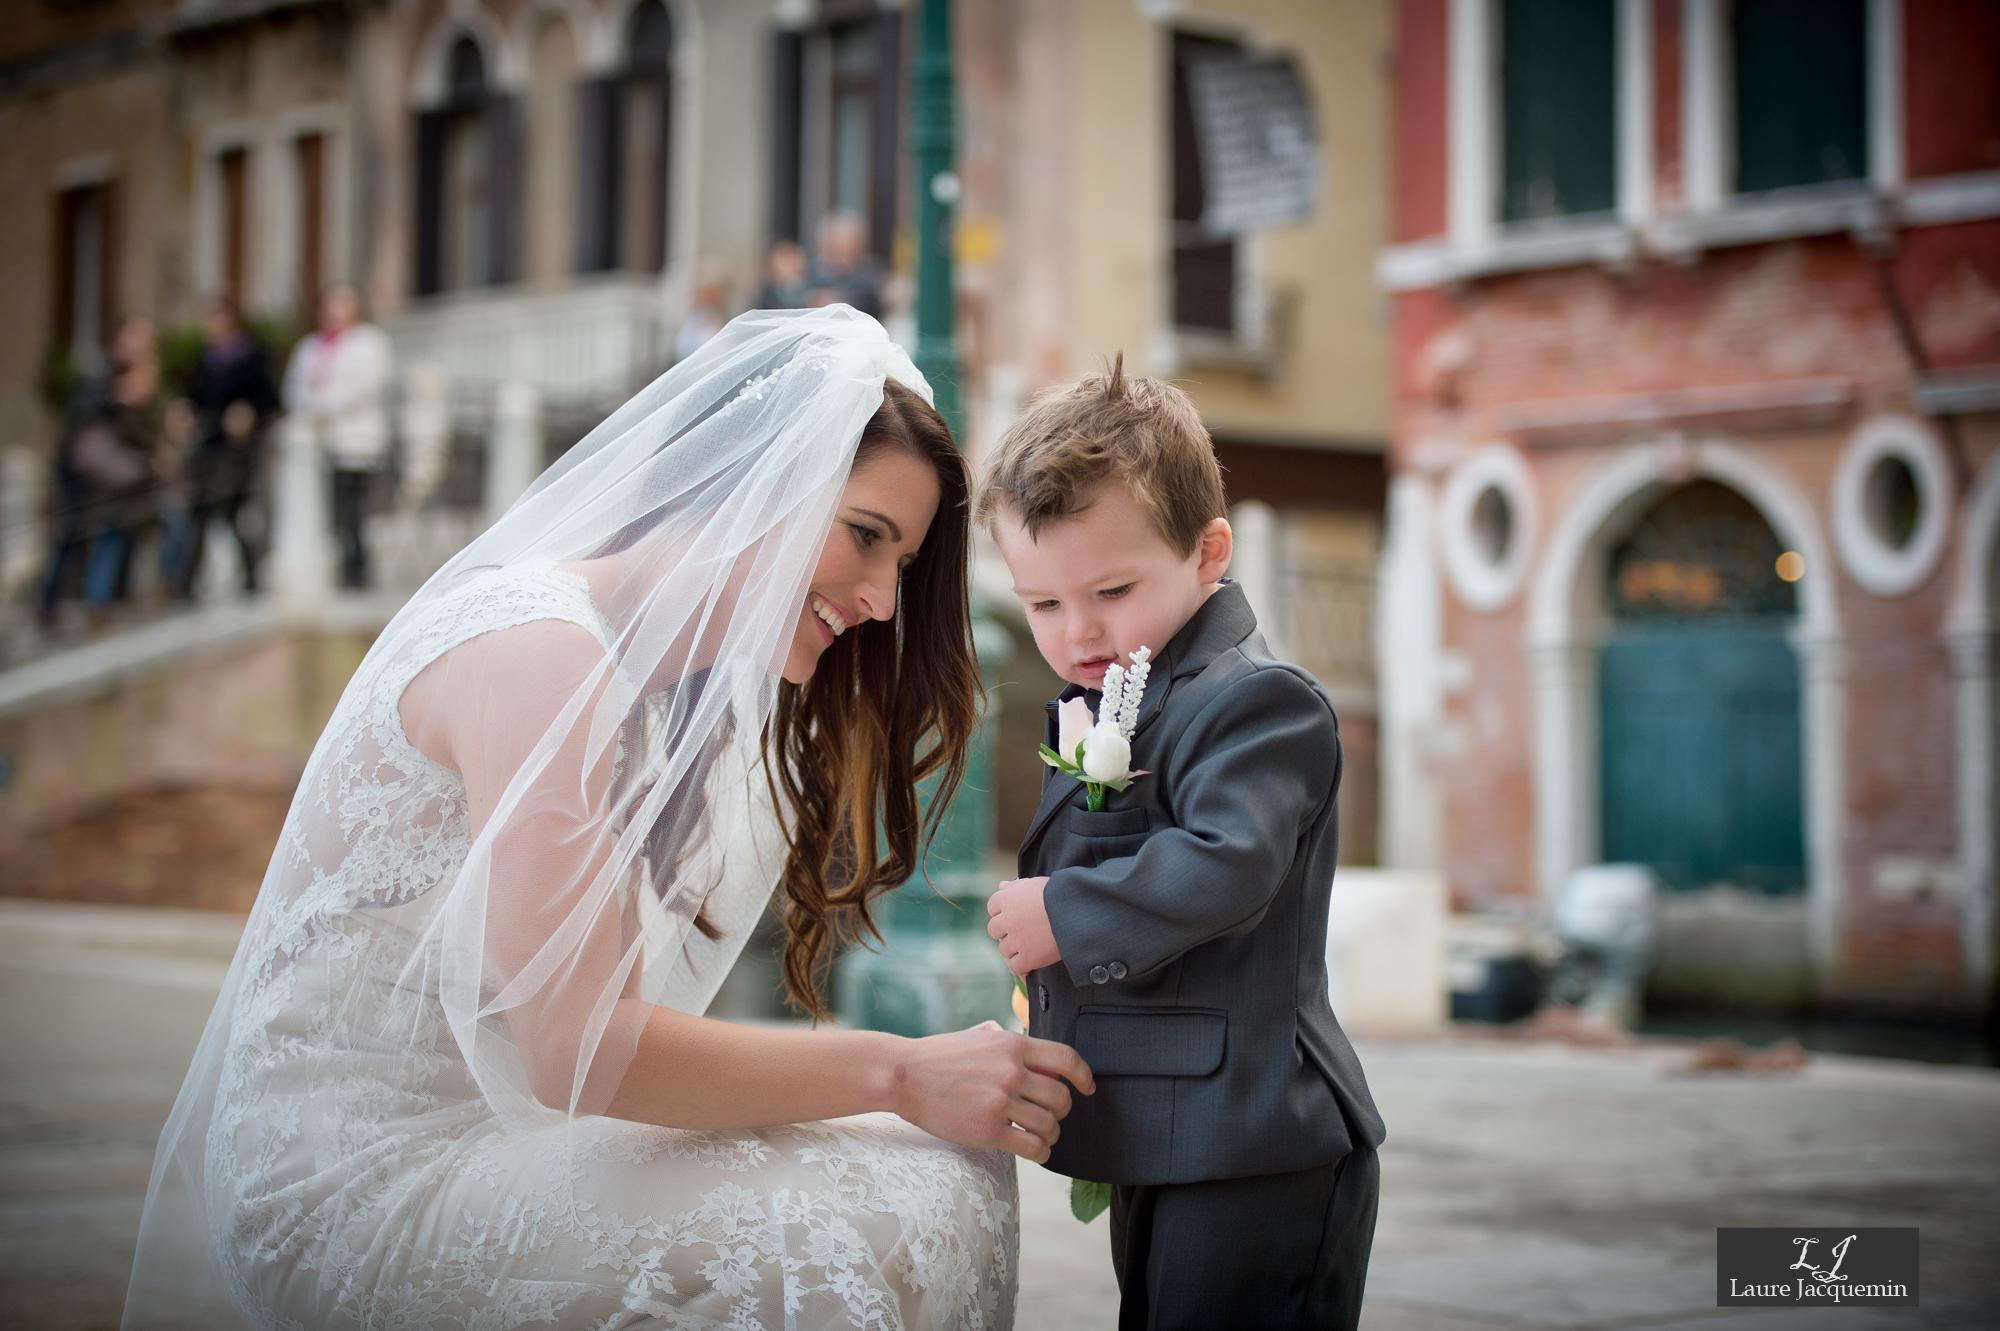 photographe mariage laure jacquemin palazzo cavalli service photographique (65)